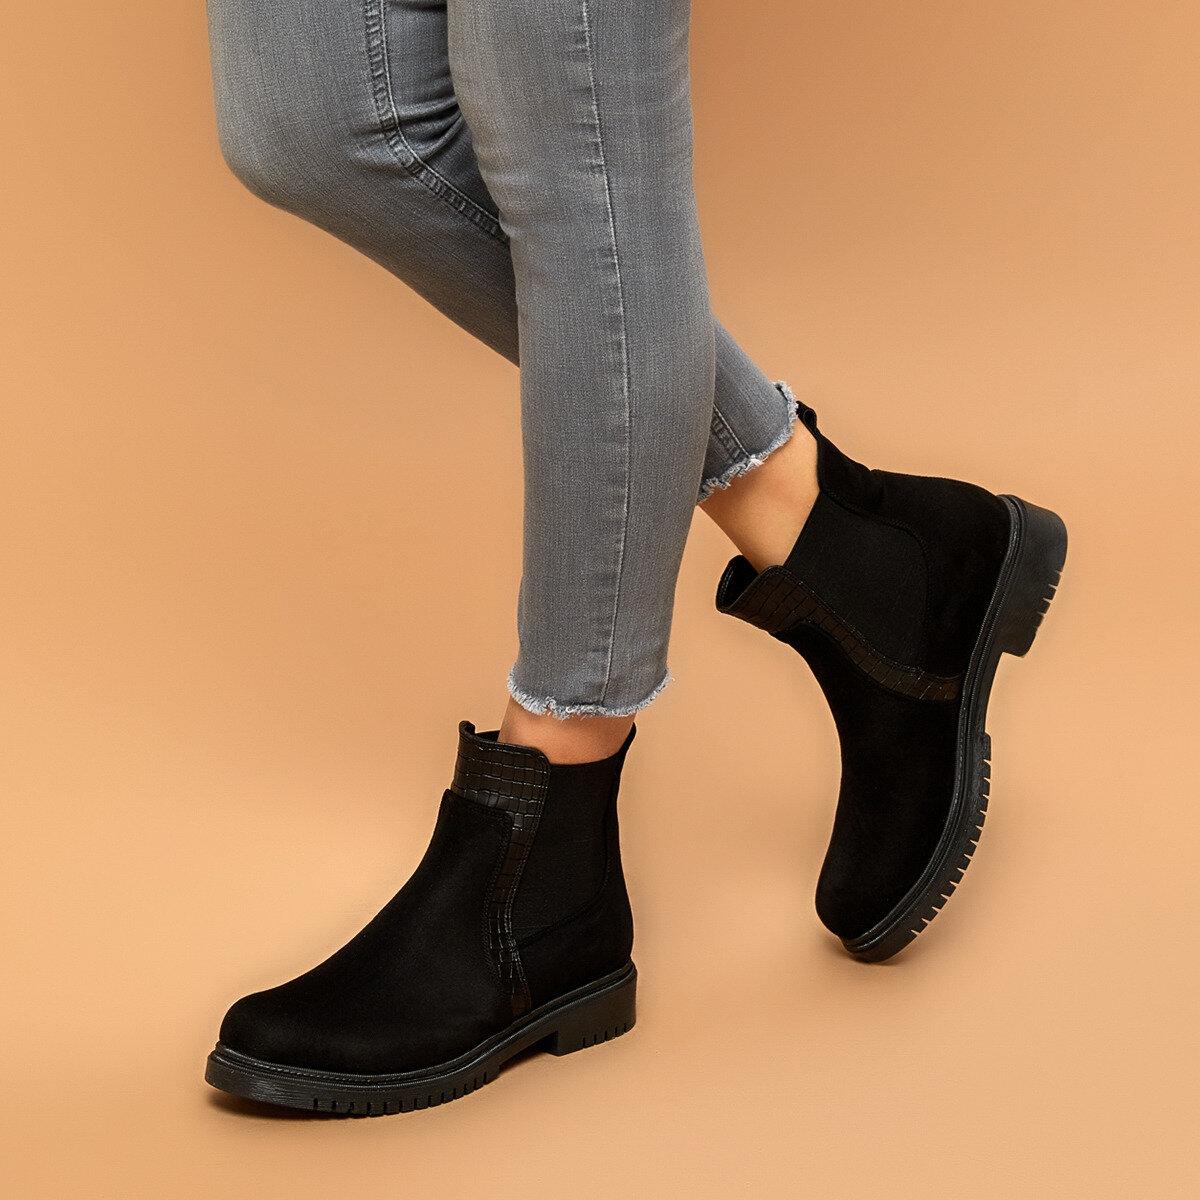 FLO KRUSE Black Women Boots BUTIGO